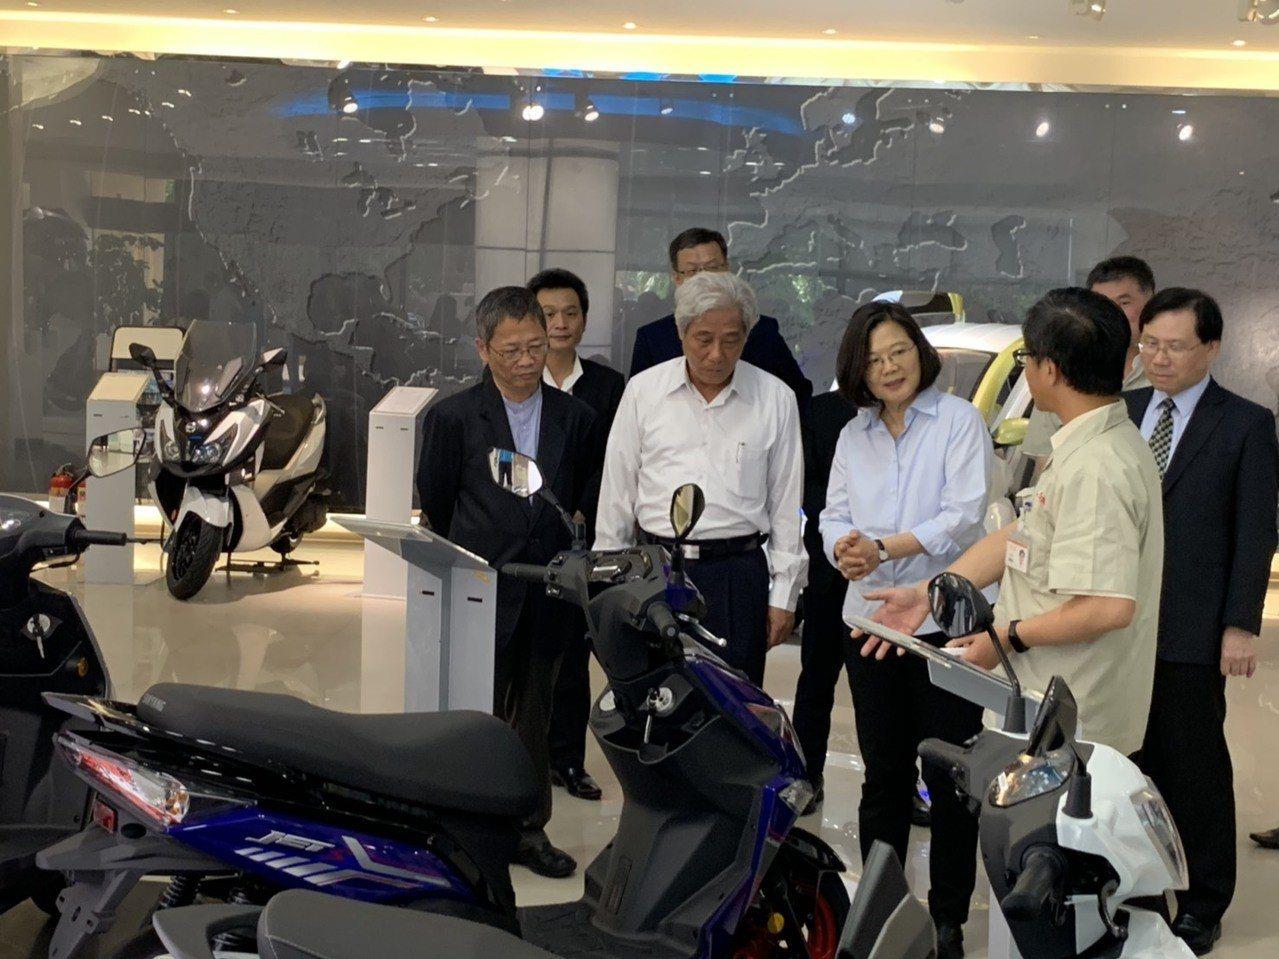 總統蔡英文今天下午首站抵達三陽工業參訪,聽員工介紹各式車款。記者陳斯穎/攝影